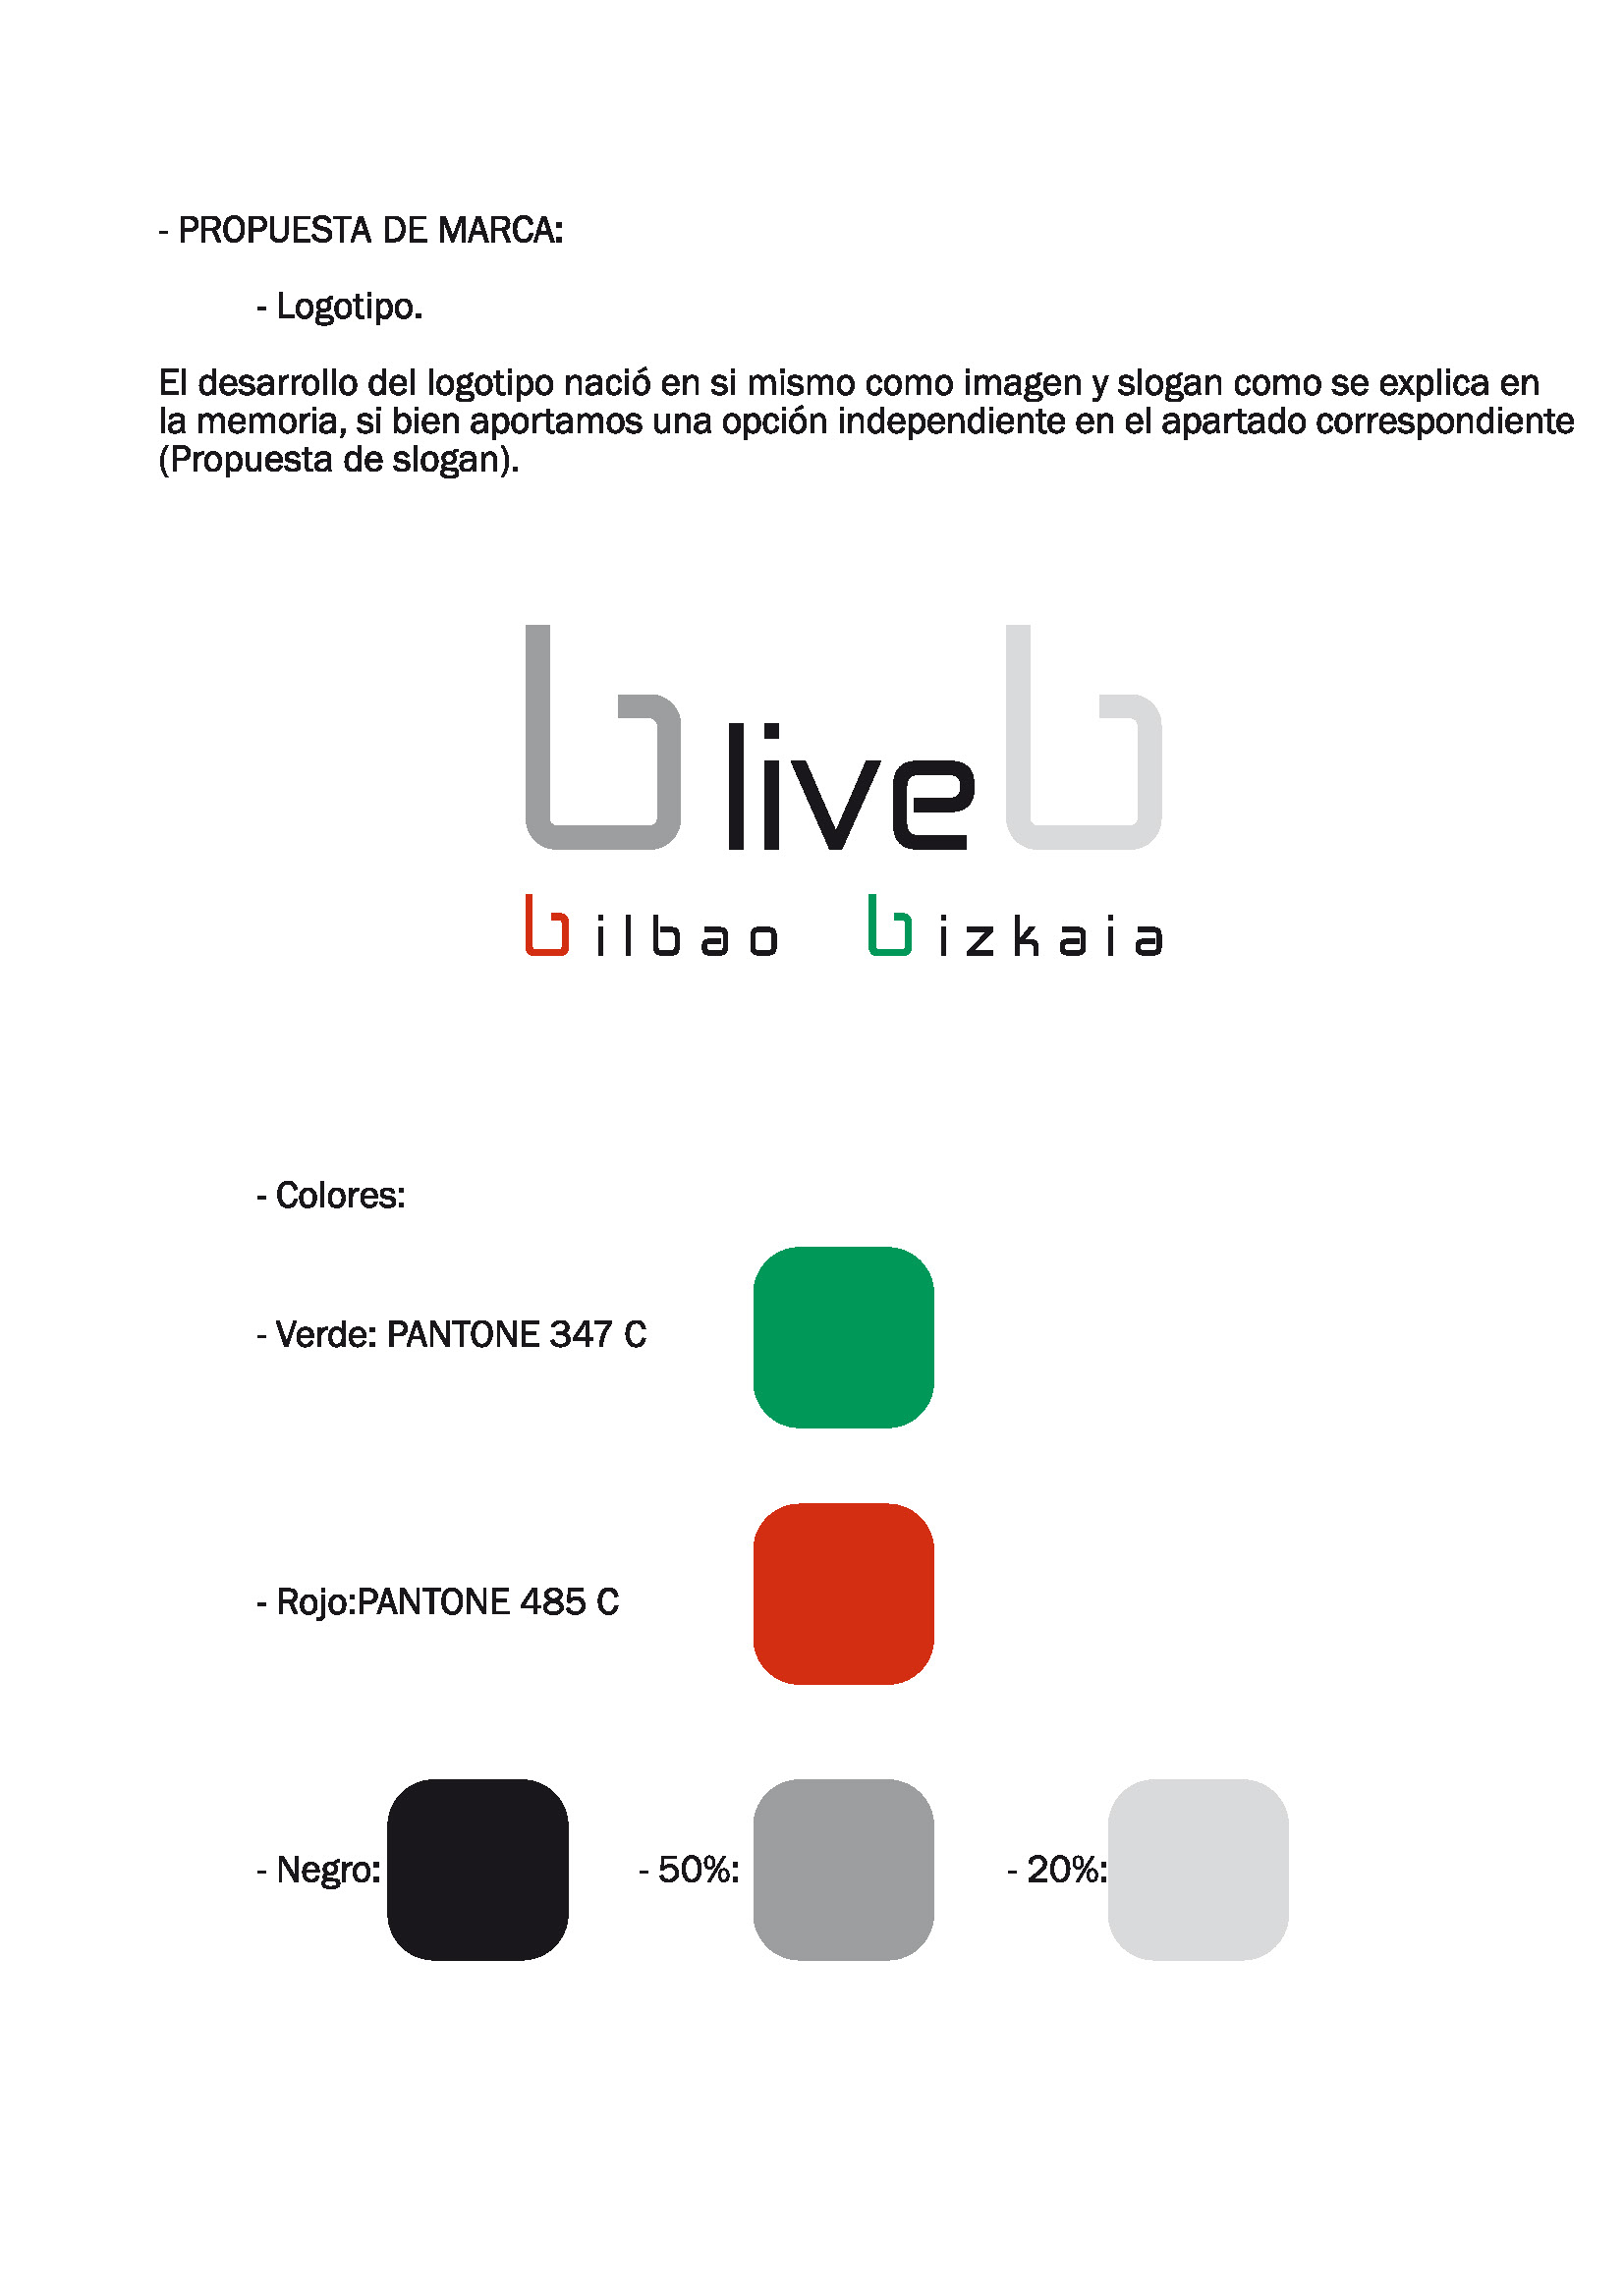 Concurso Identidad Bilbao-Bizkaia